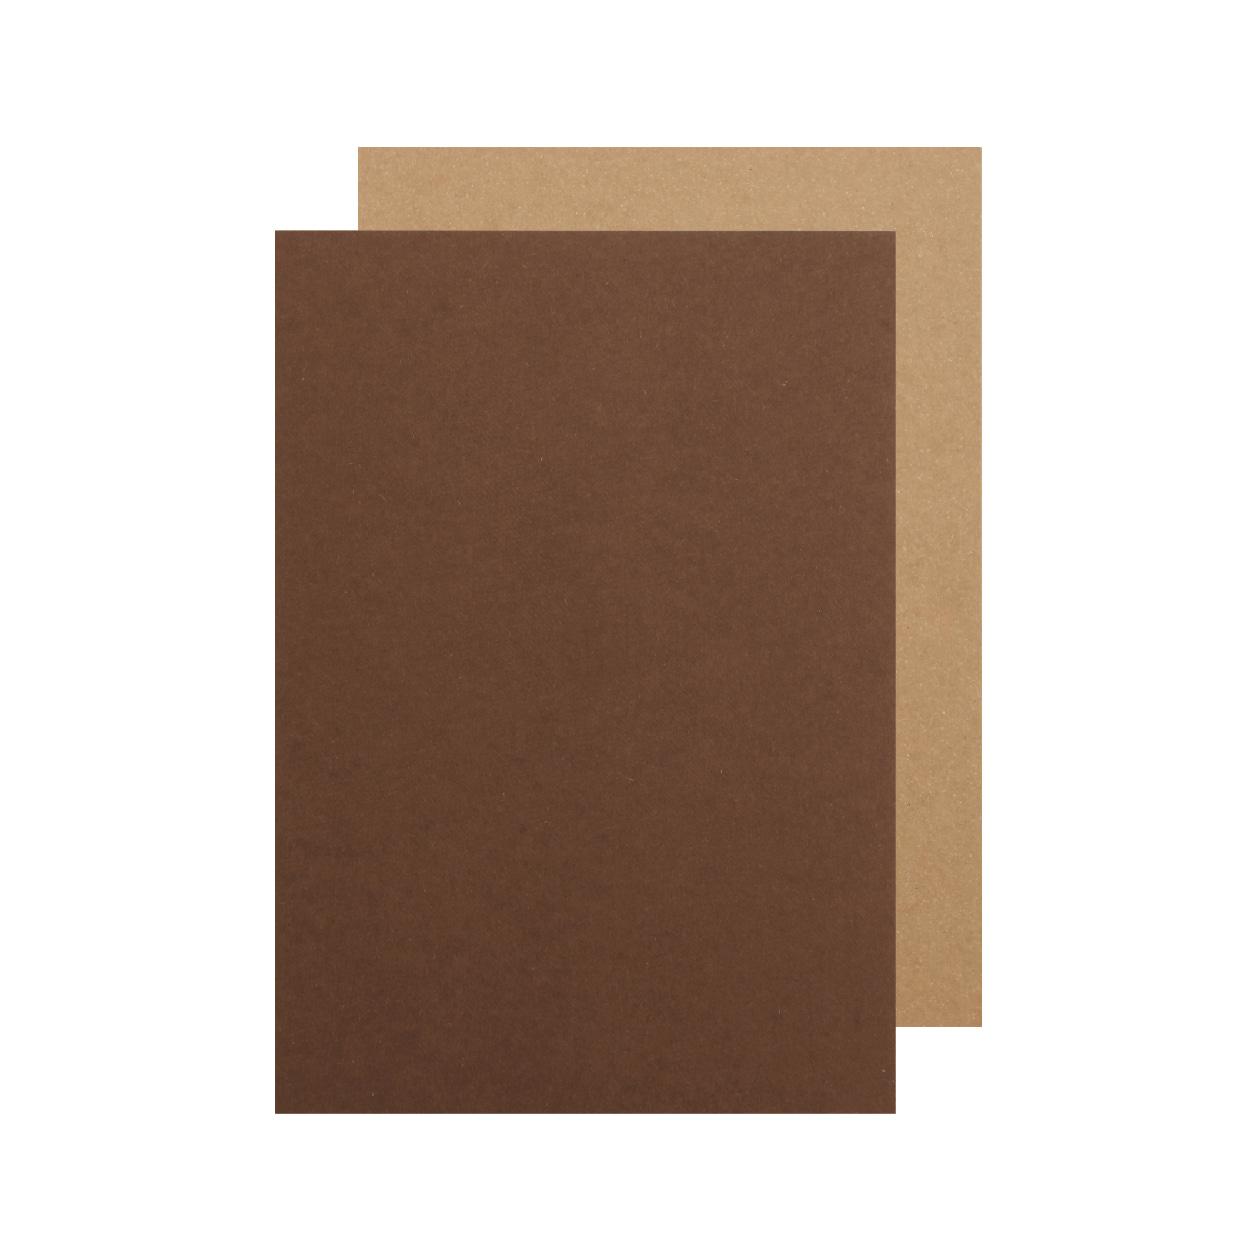 A5カード ボード紙 チョコレート 450g